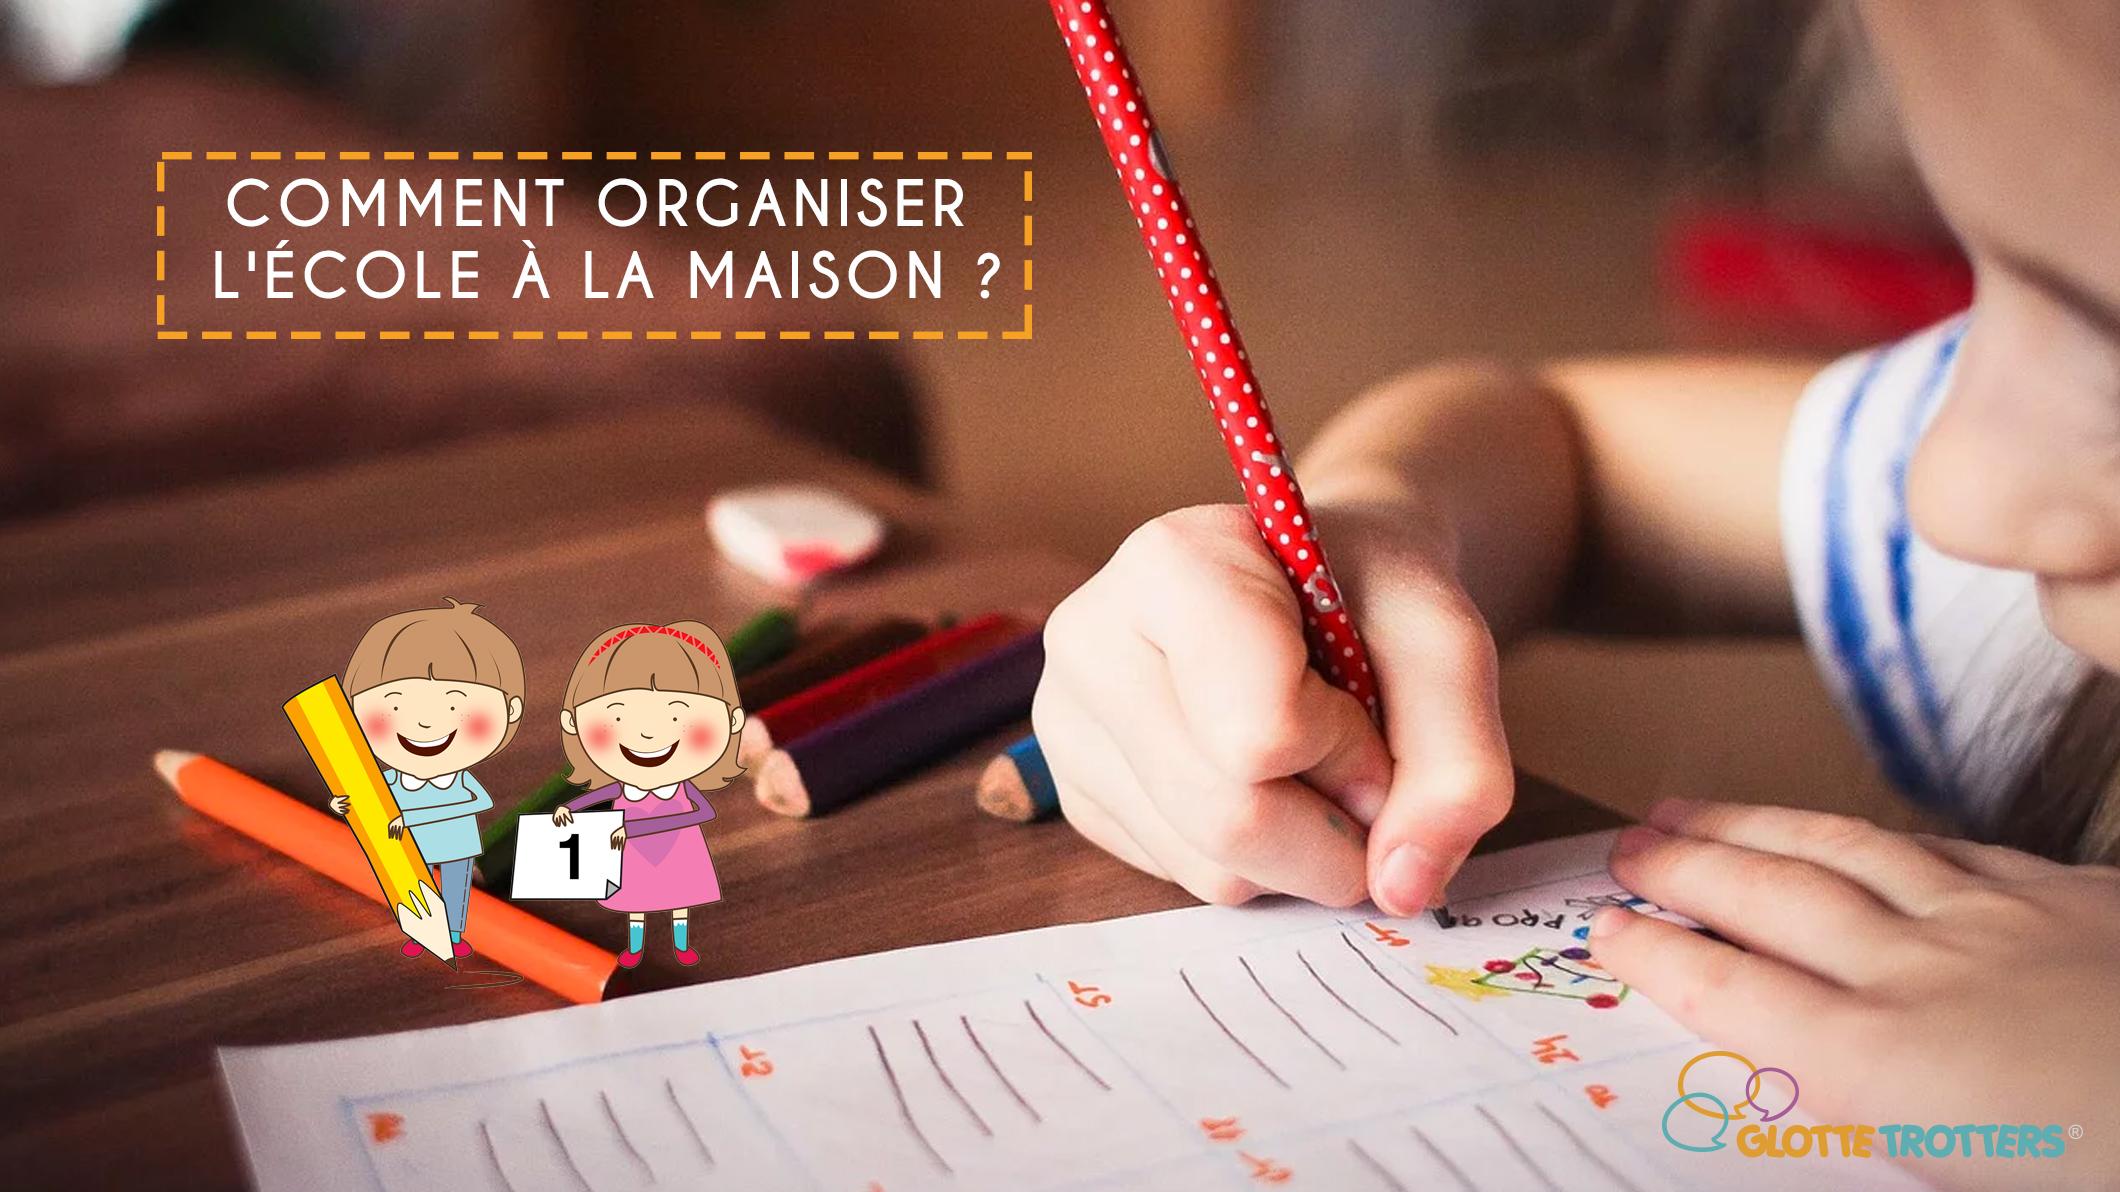 Organiser l'école à la maison